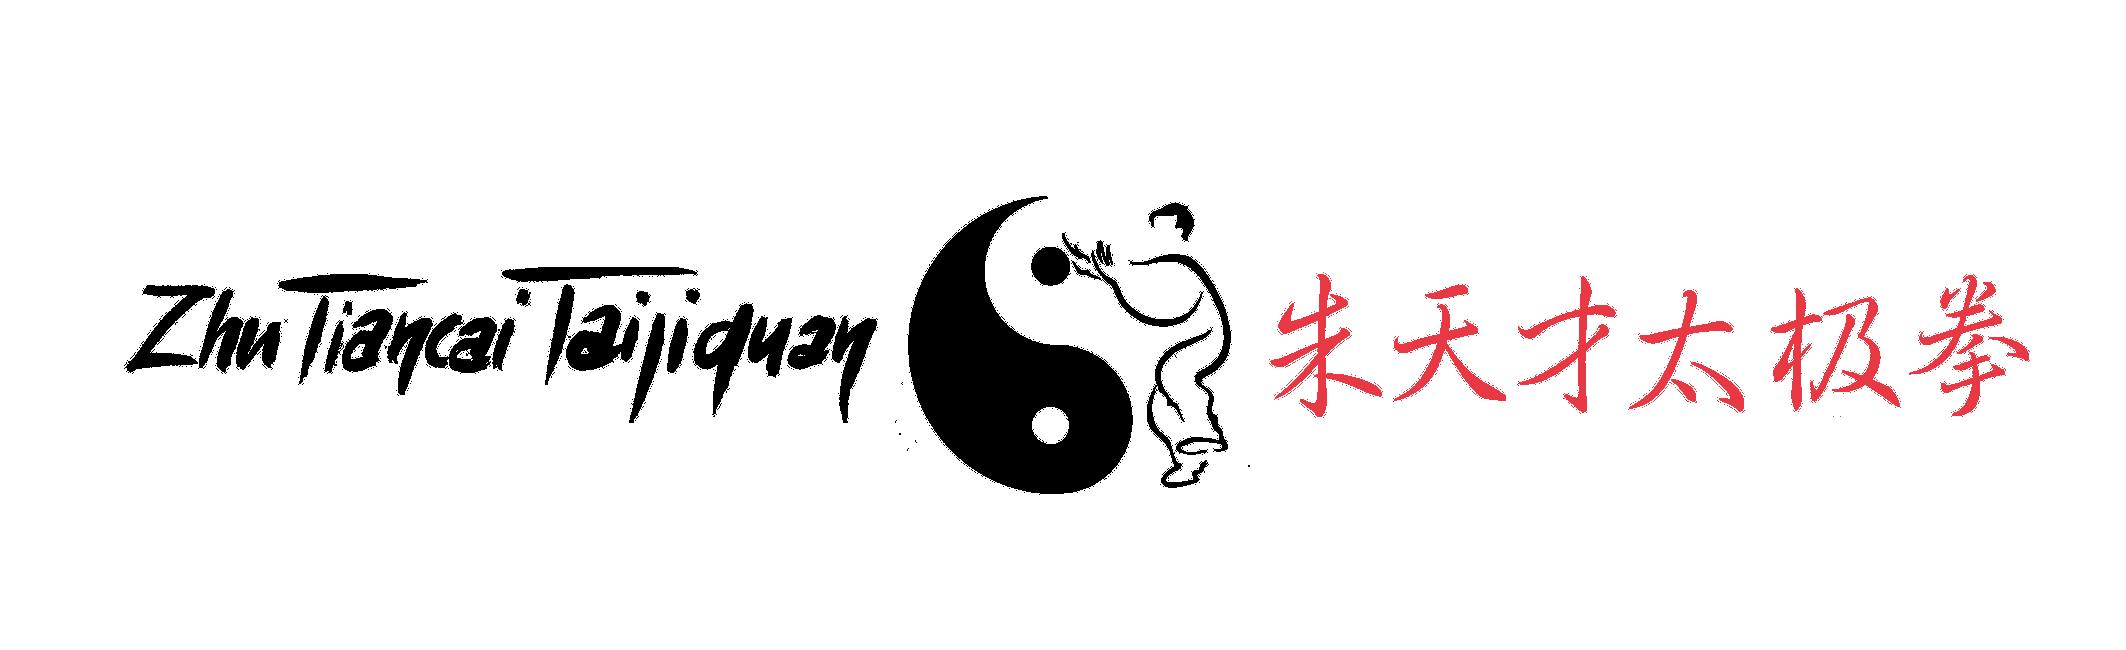 Zhu Tiancai Taijiquan Logo